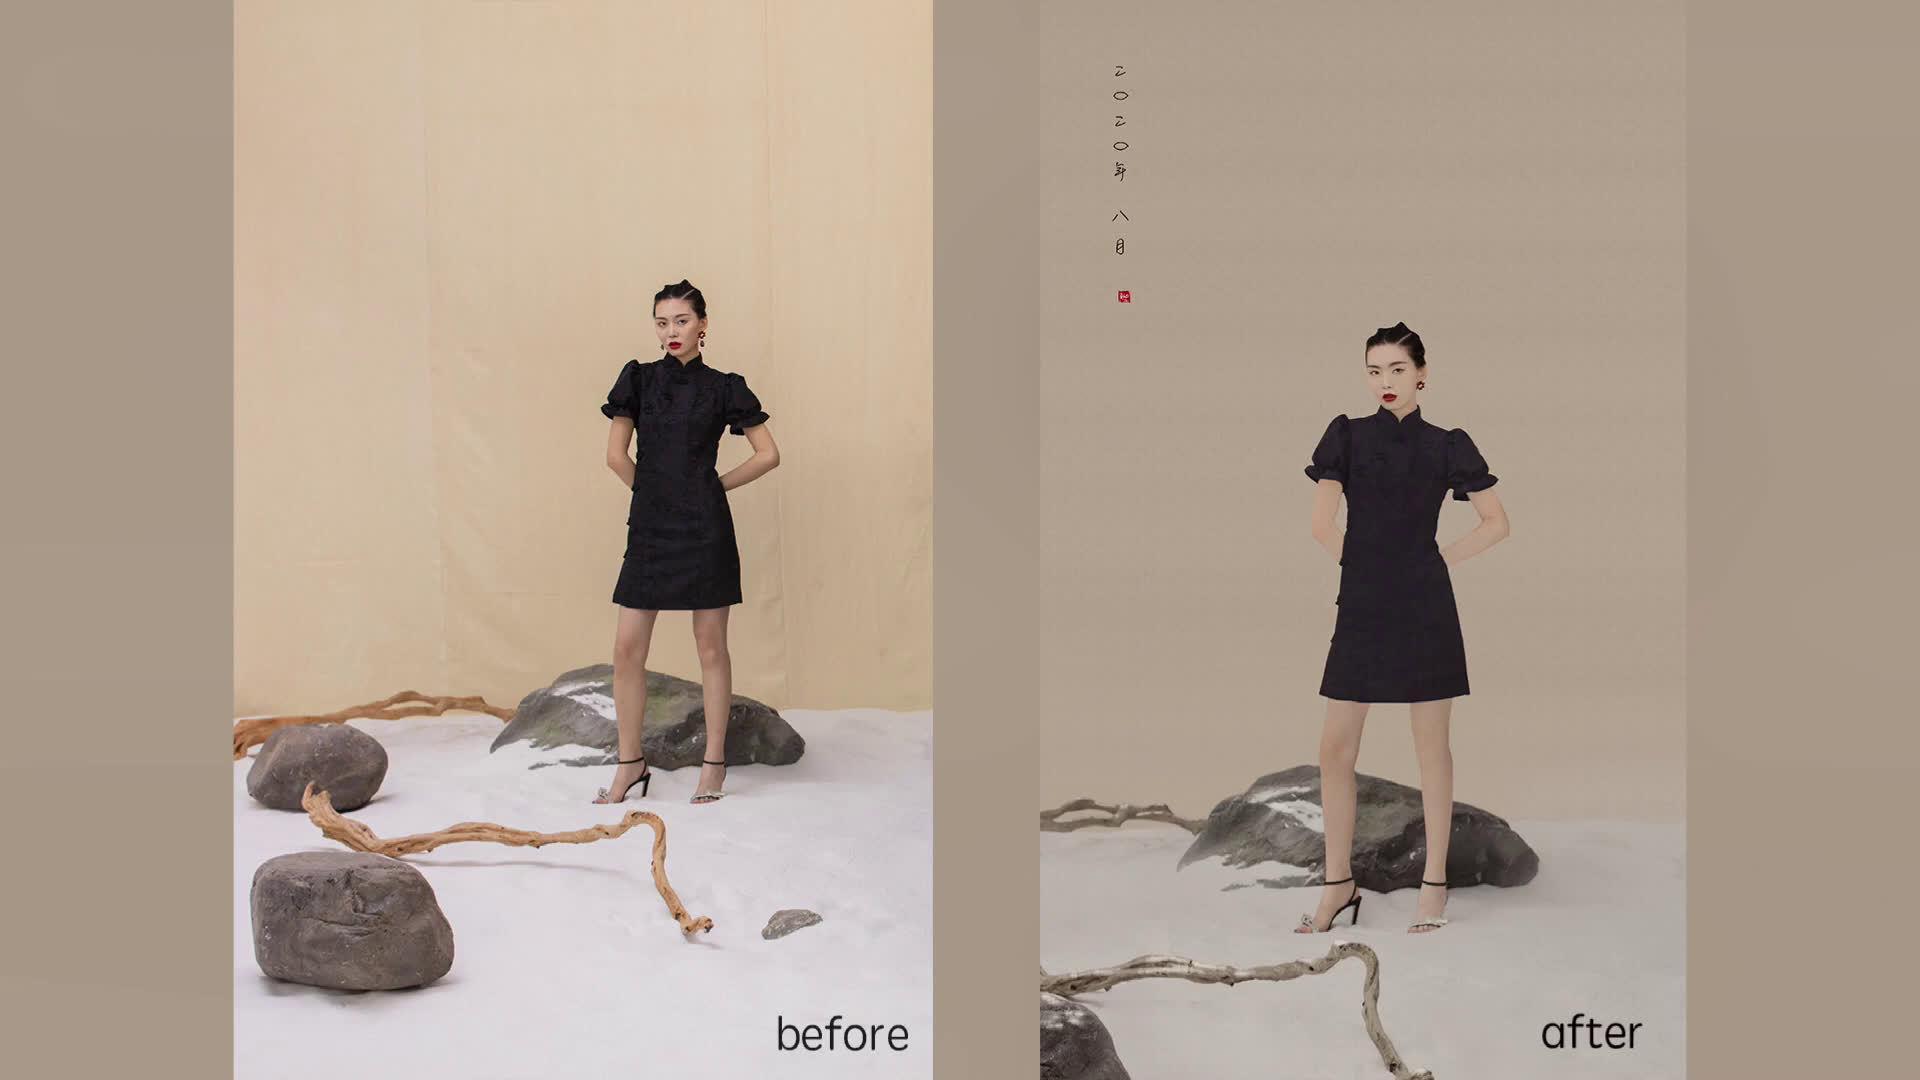 工笔画的一个修图花絮小视频,大致的步骤就是先常规修图磨皮……